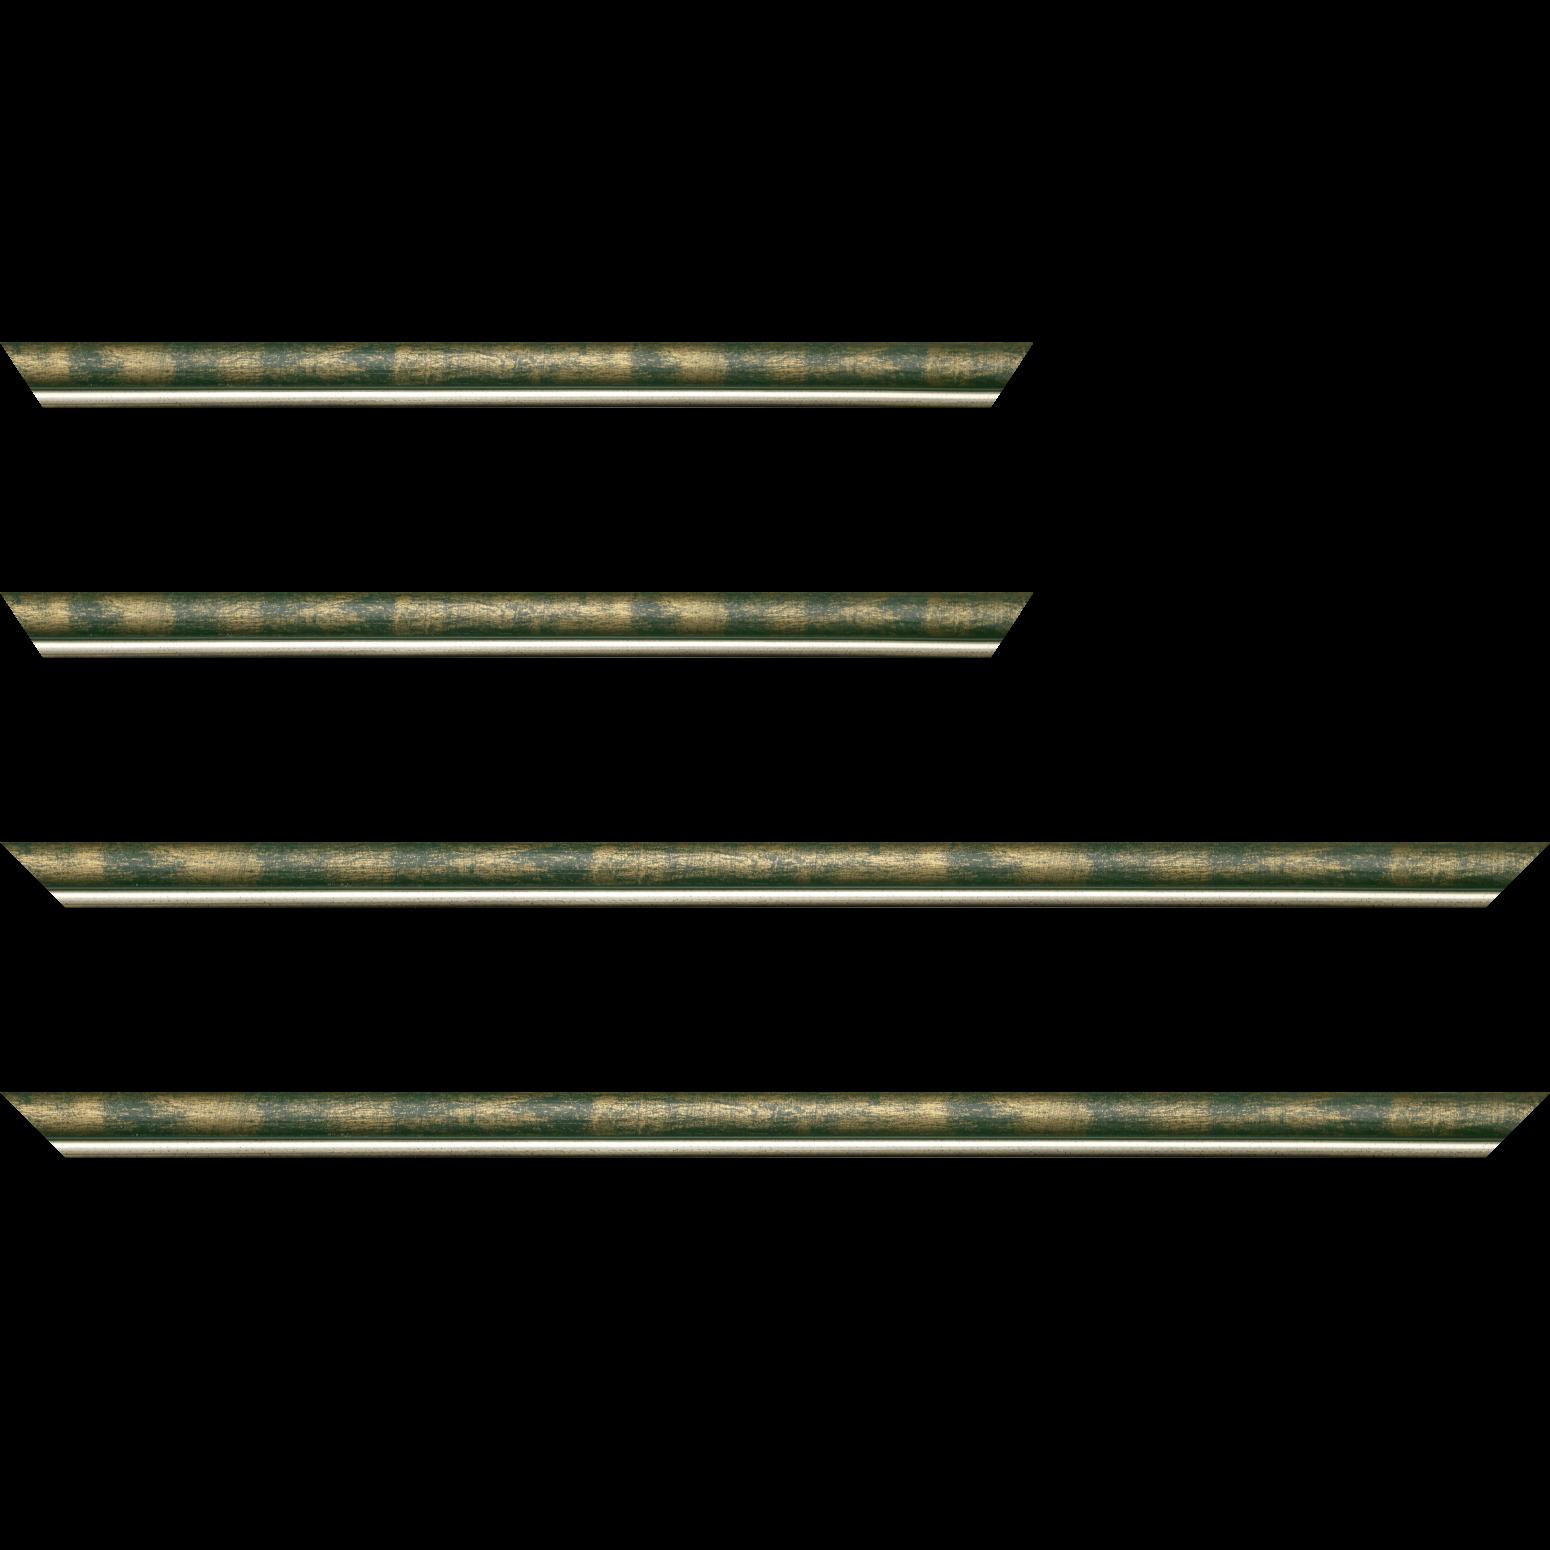 Baguette service précoupé Bois profil arrondi largeur 2.1cm  couleur vert fond or filet argent chaud